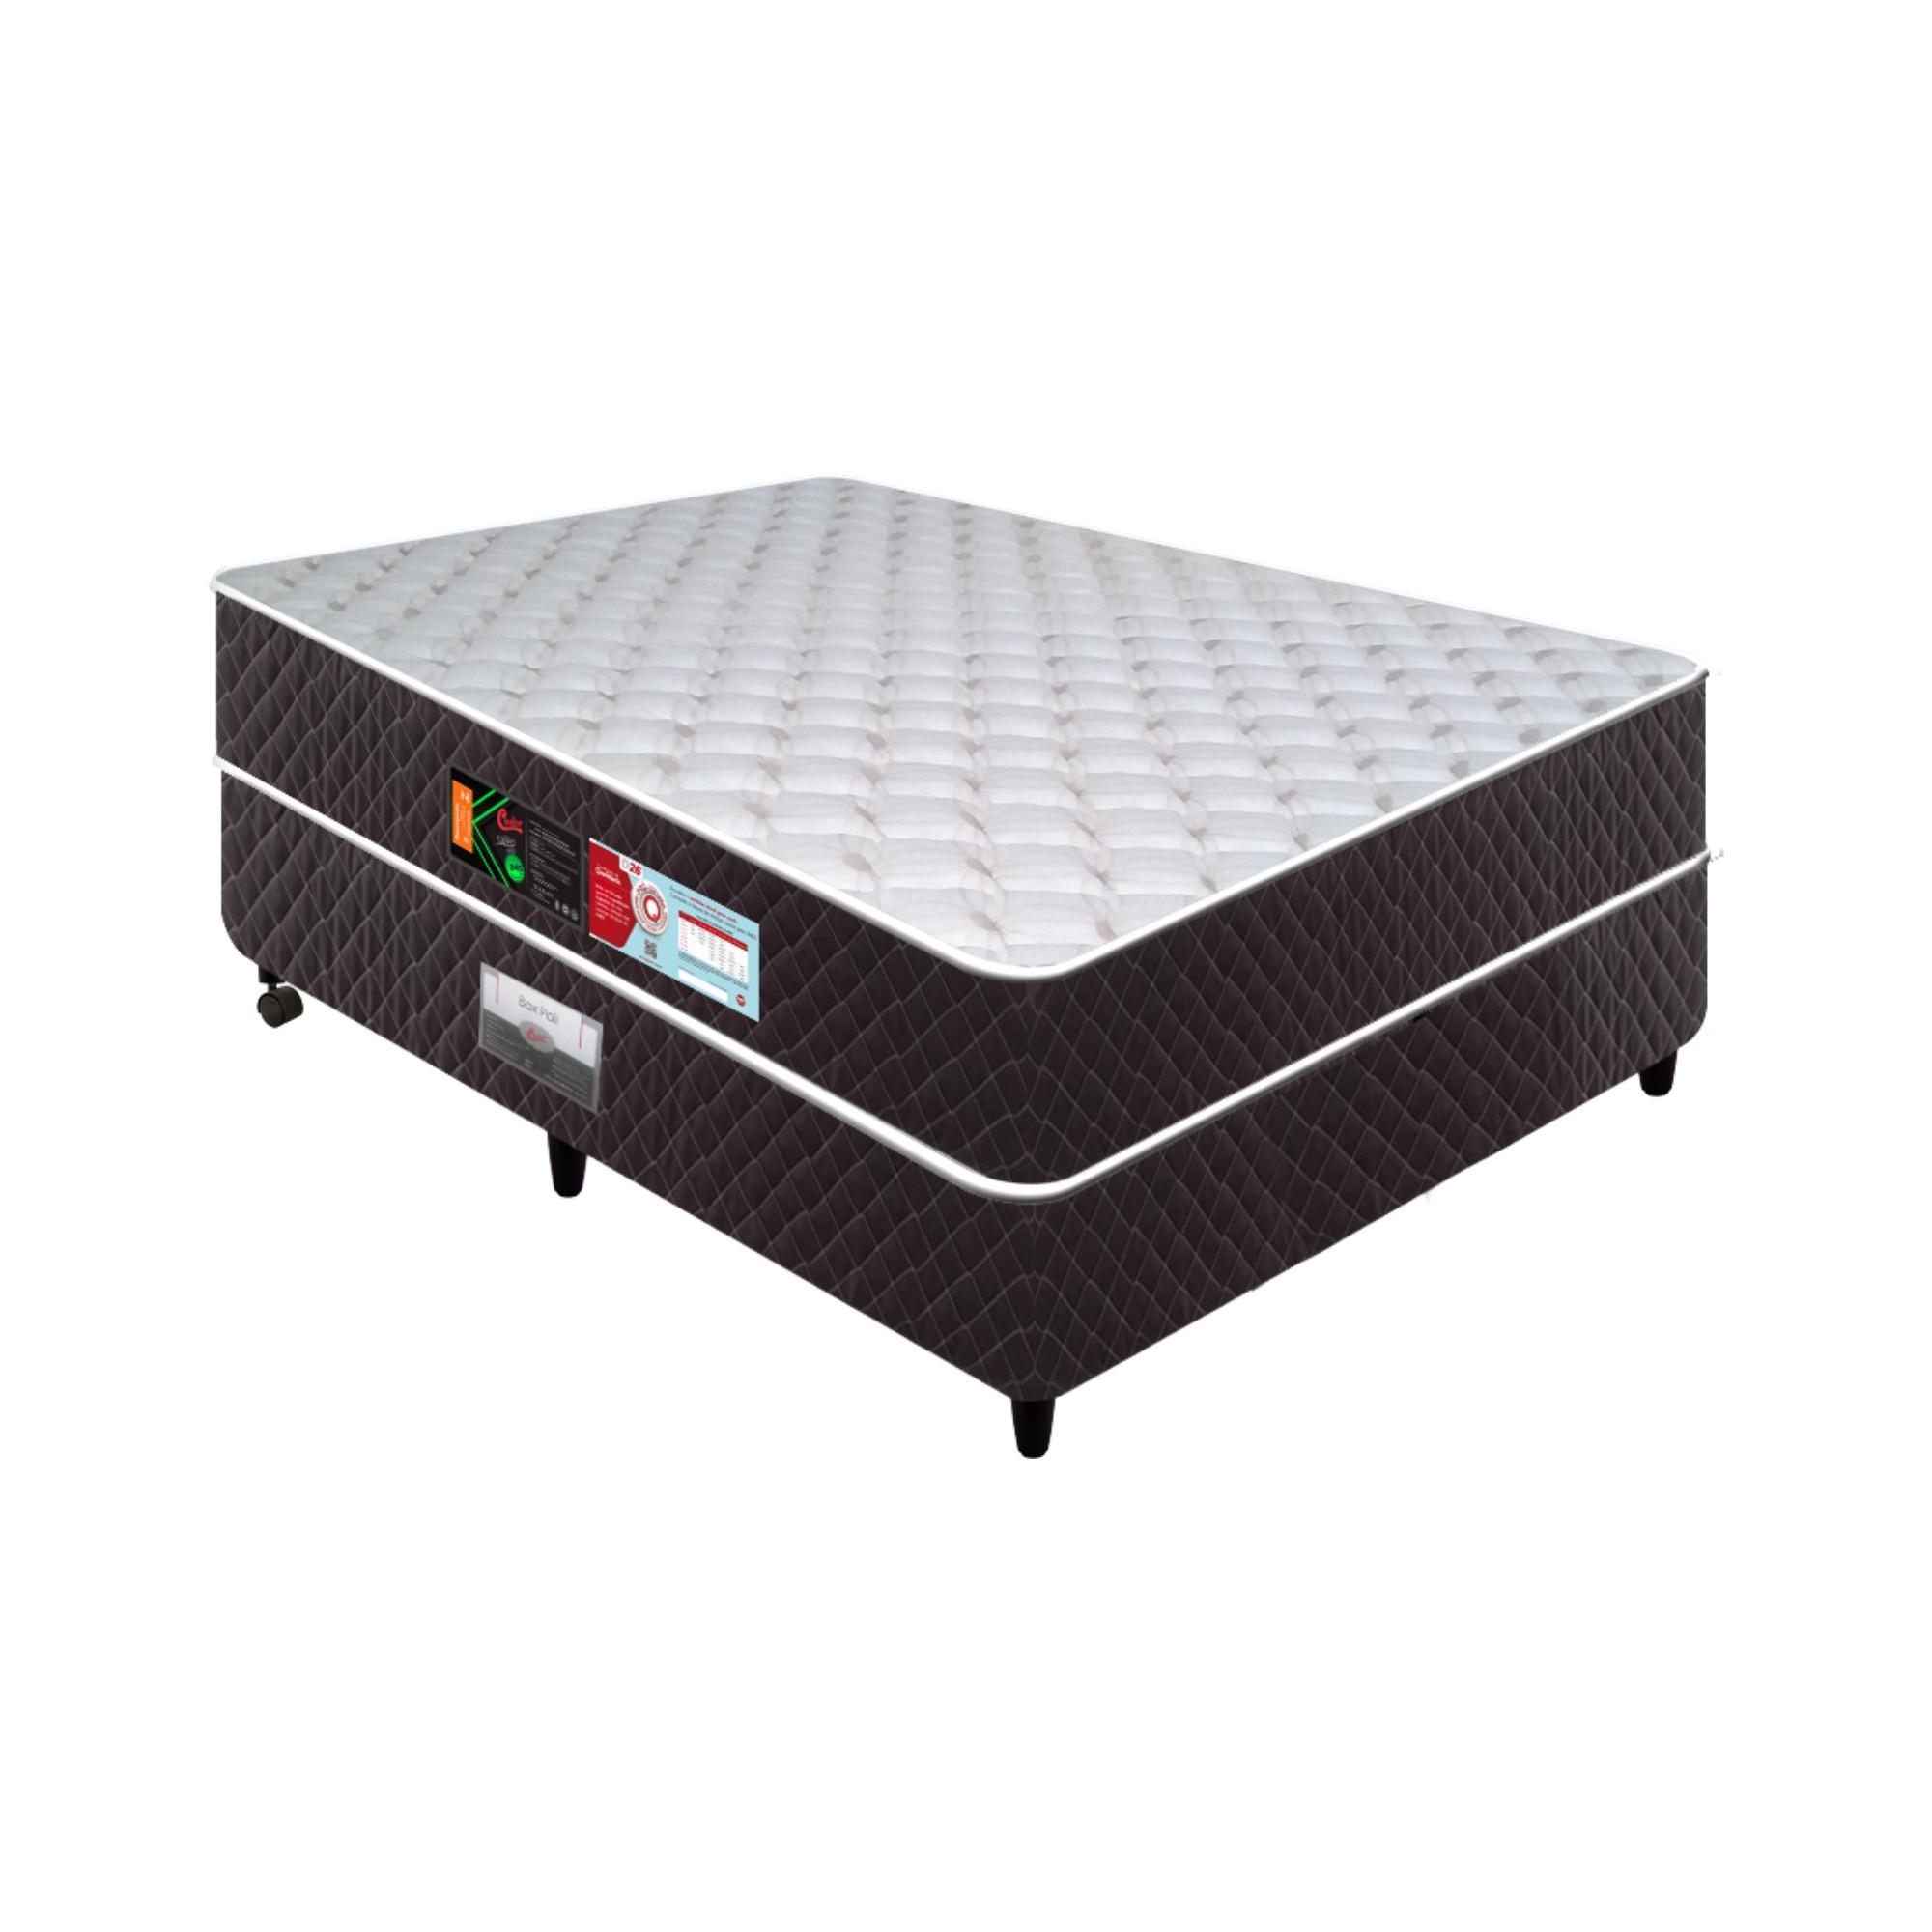 Conjunto Box Castor Sleep Max D28 [Solteirão 096 x 203 cm]